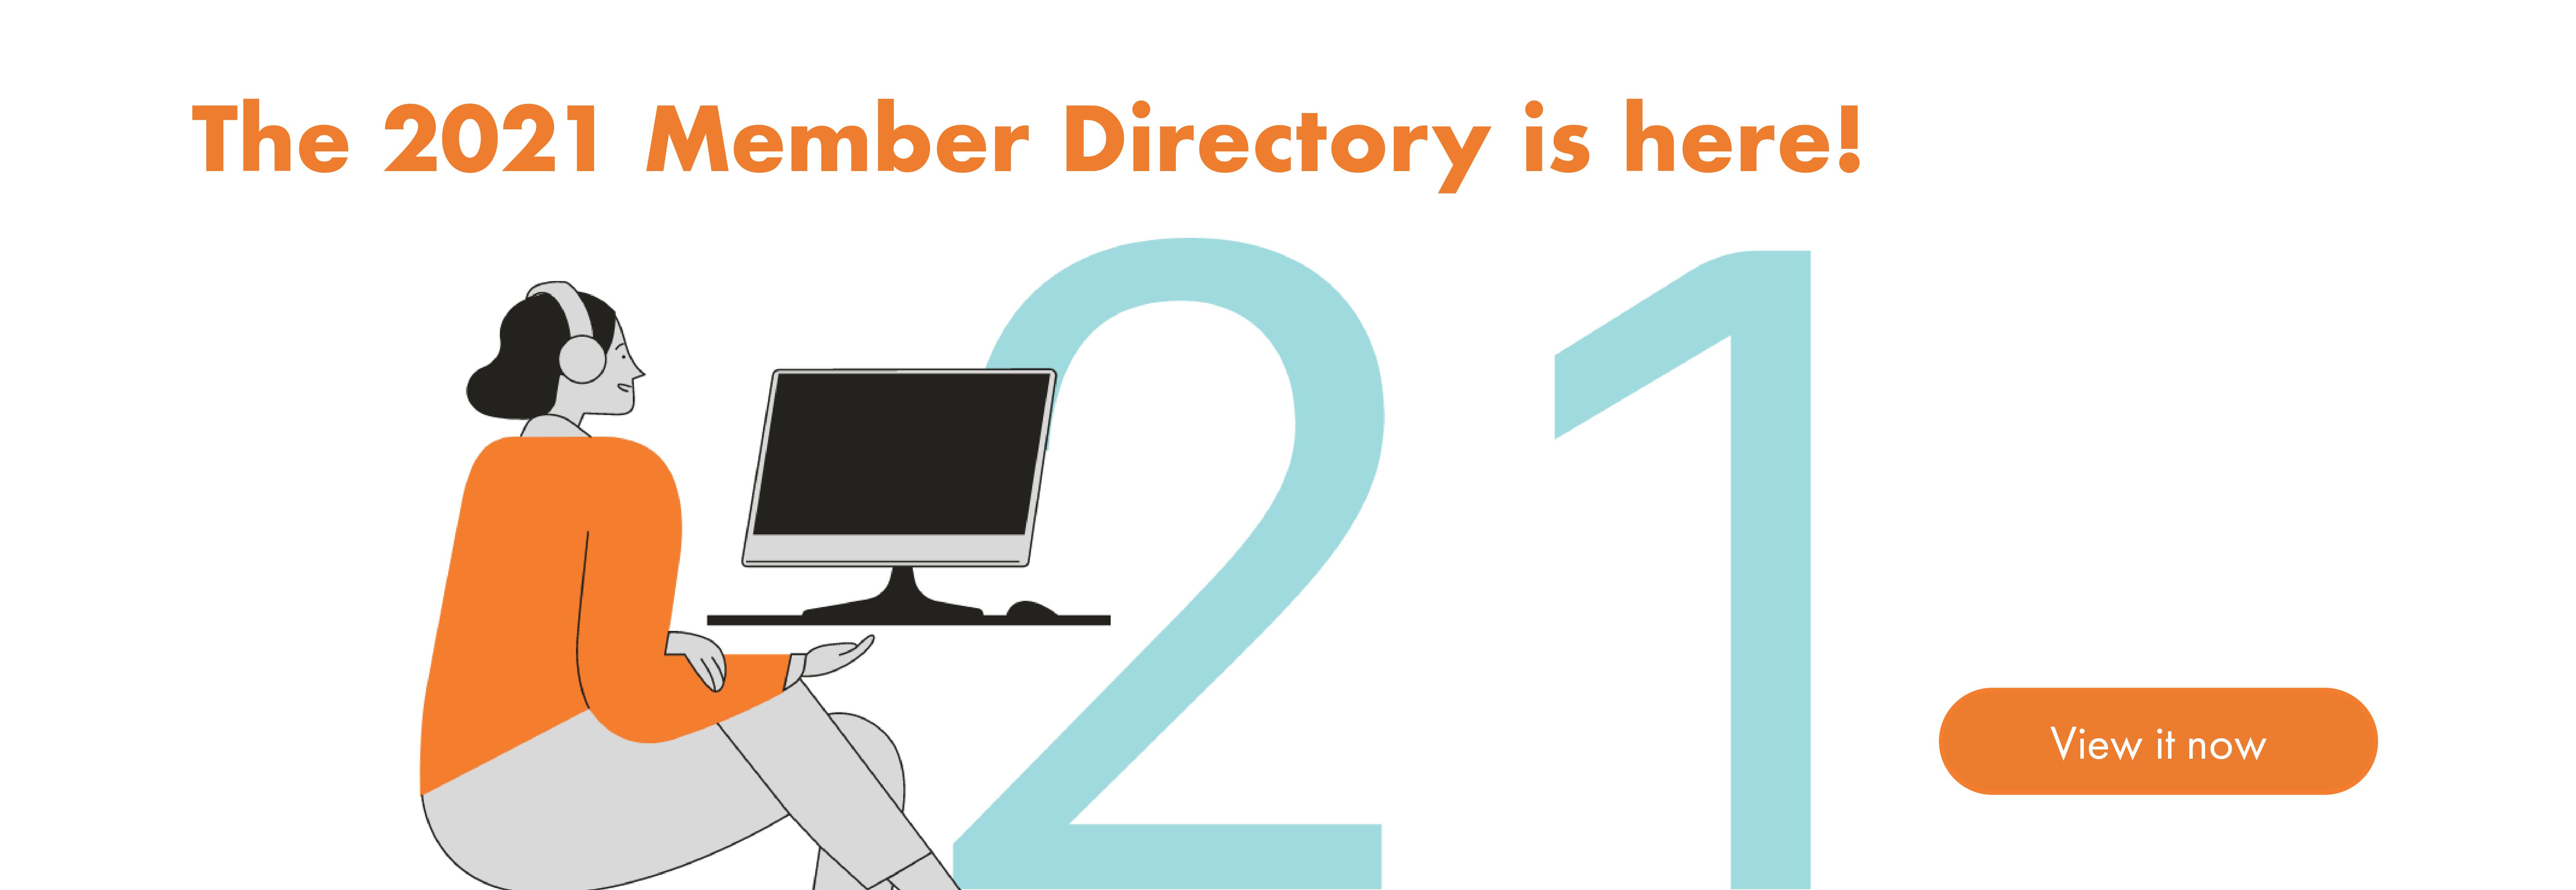 Member-Directory-Homepage-Slider-23.png